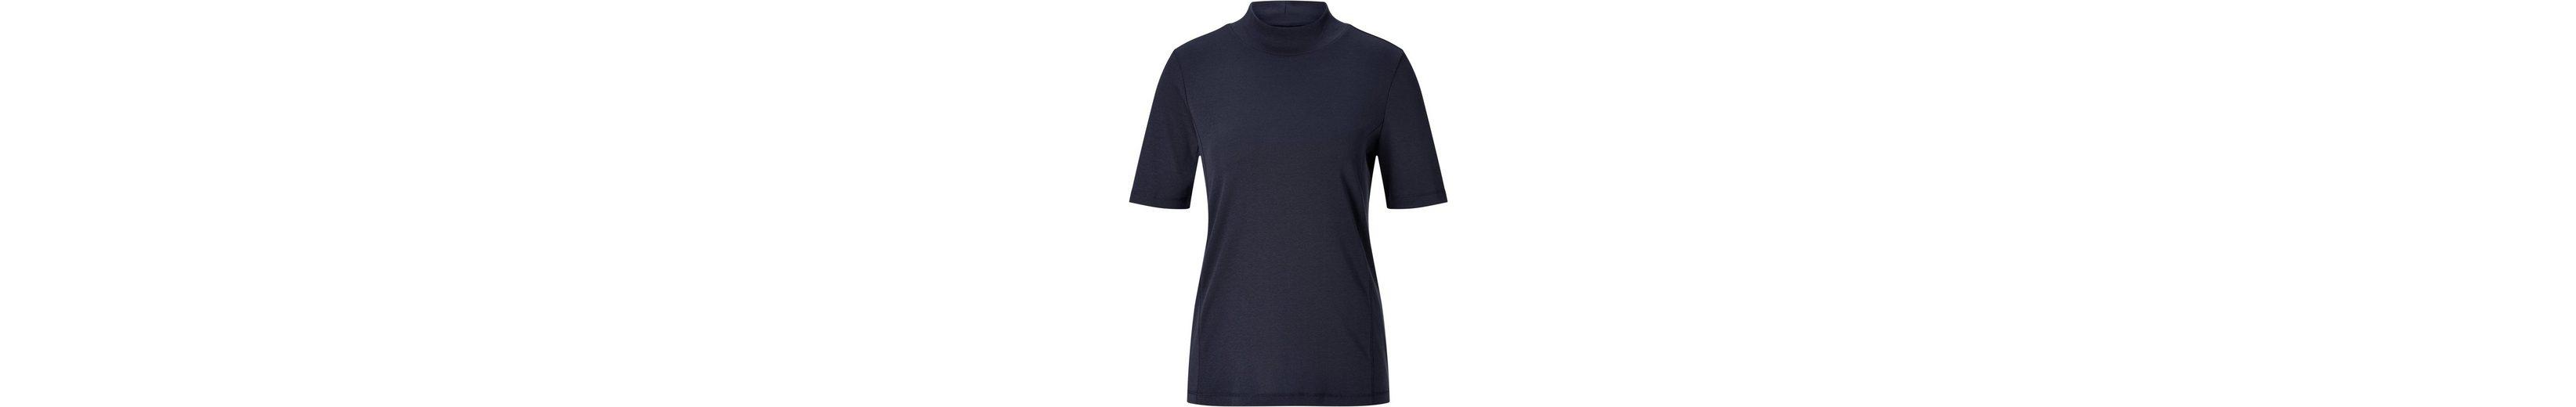 Liefern Billige Online Klassische Online Collection L. Shirt aus reiner Baumwolle J5xZU